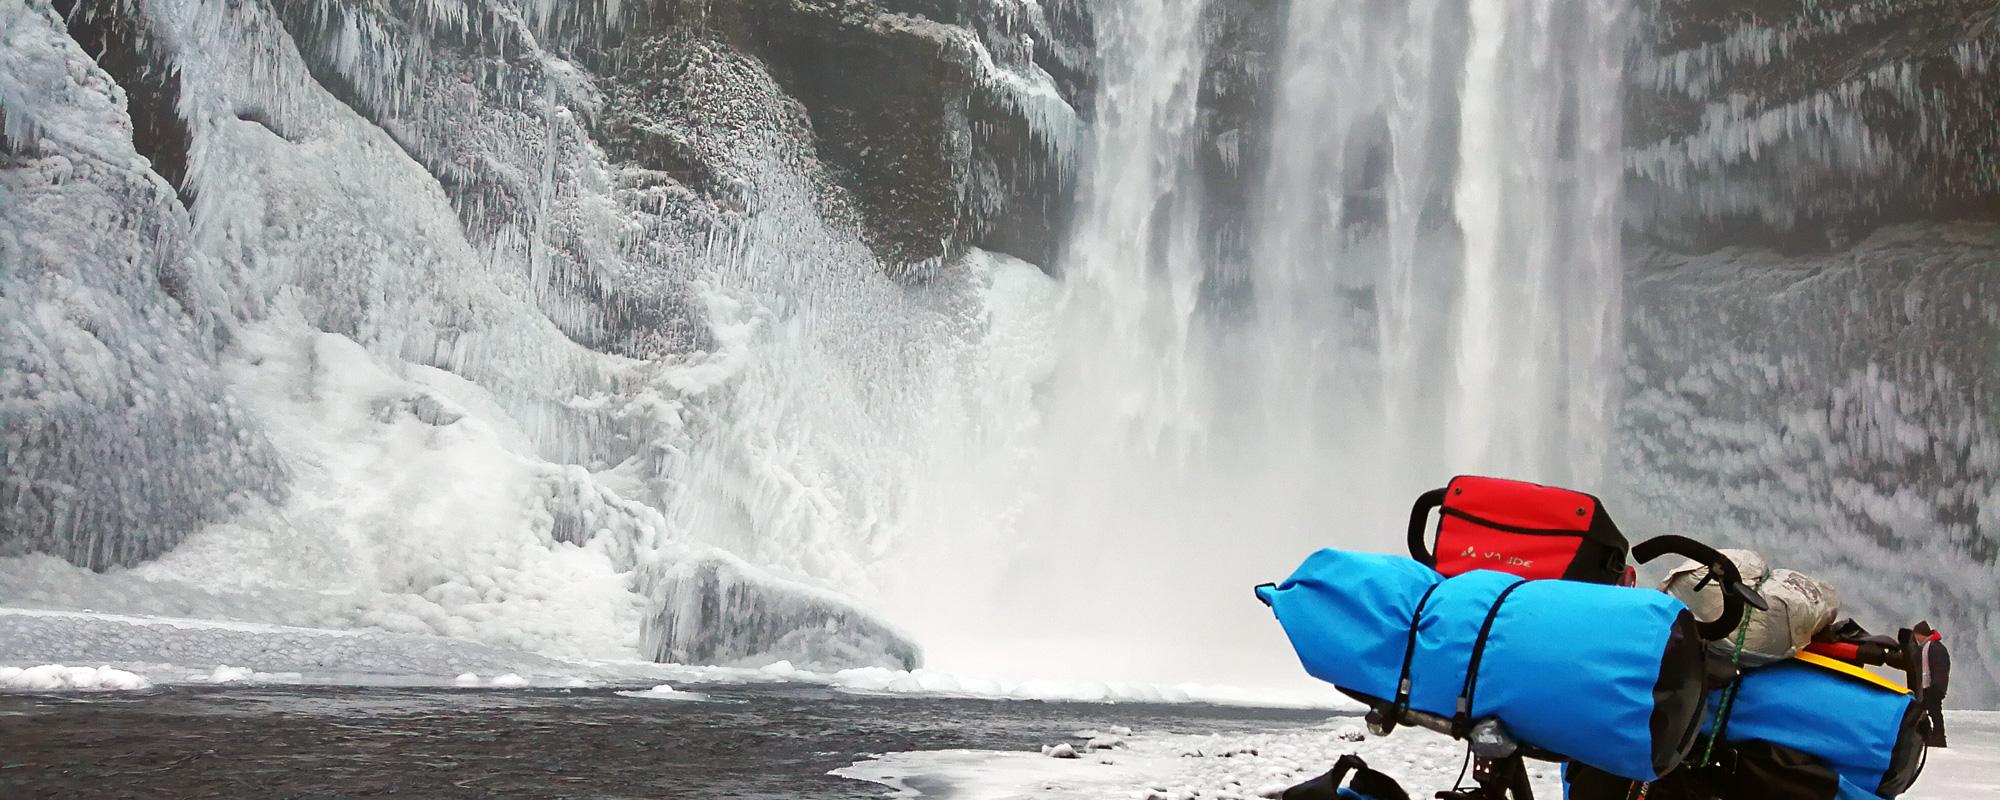 En Islande à vélo en hiver 2017/2018, au pied de la chute de Skogafoss